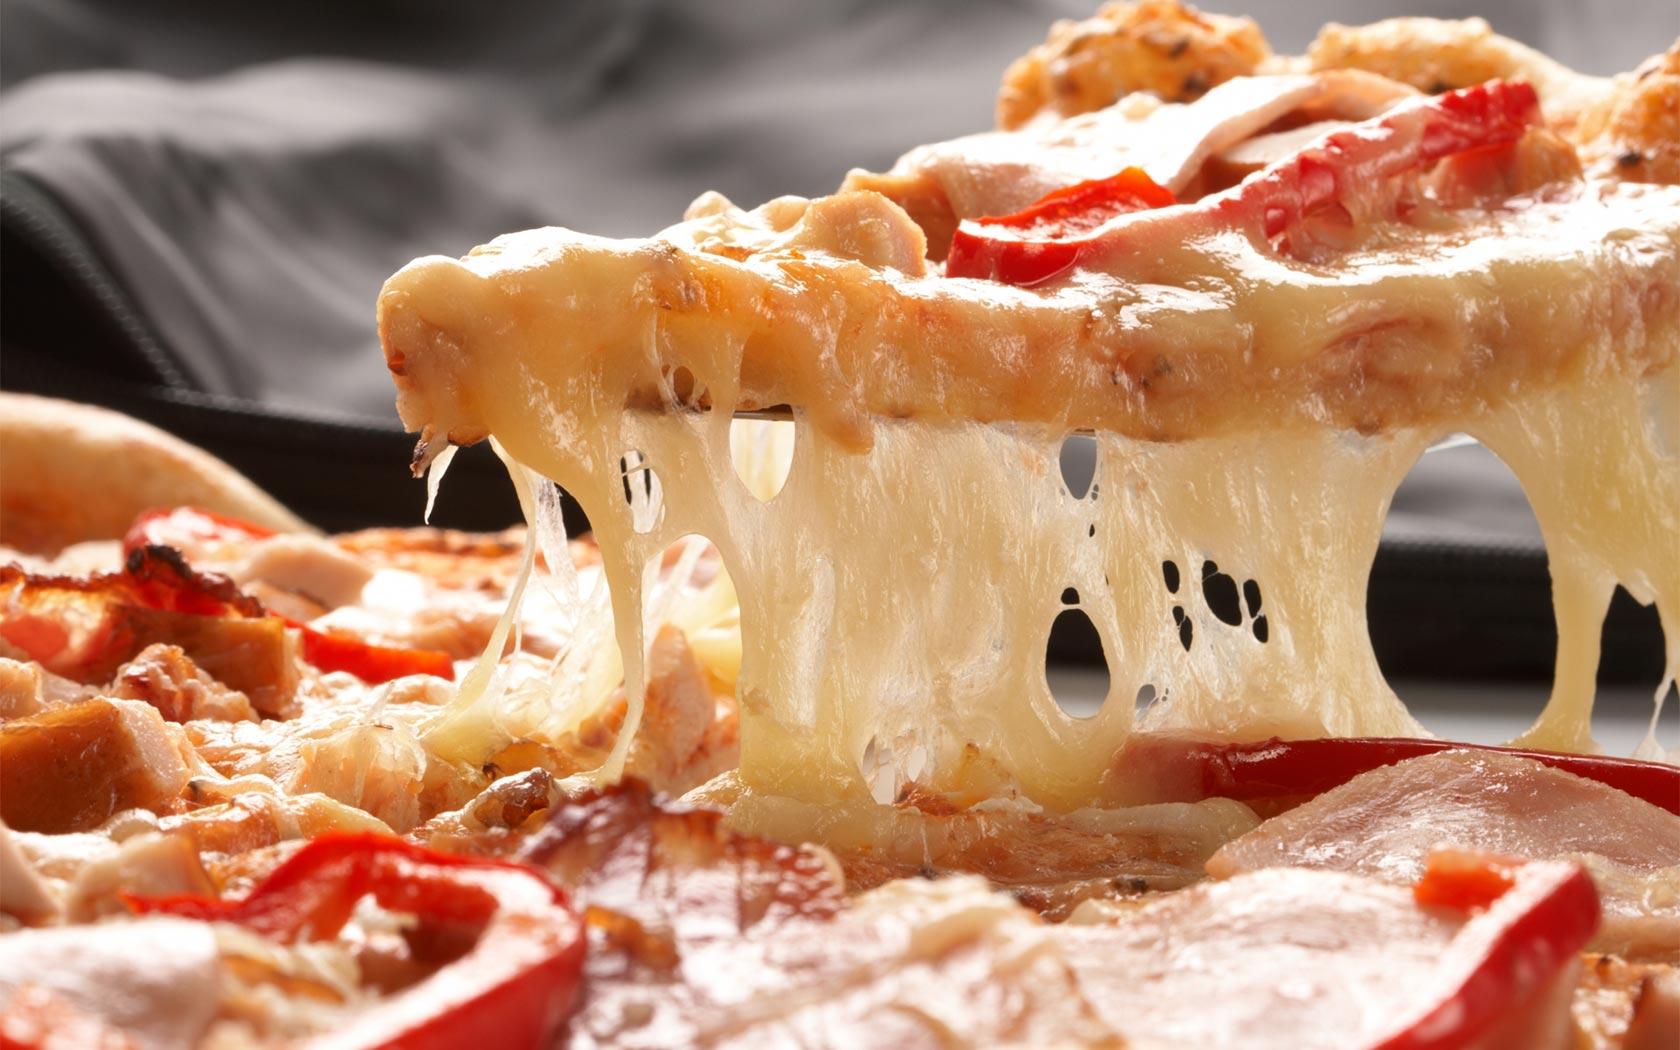 Scopre di avere un tumore al seno mangiando la pizza